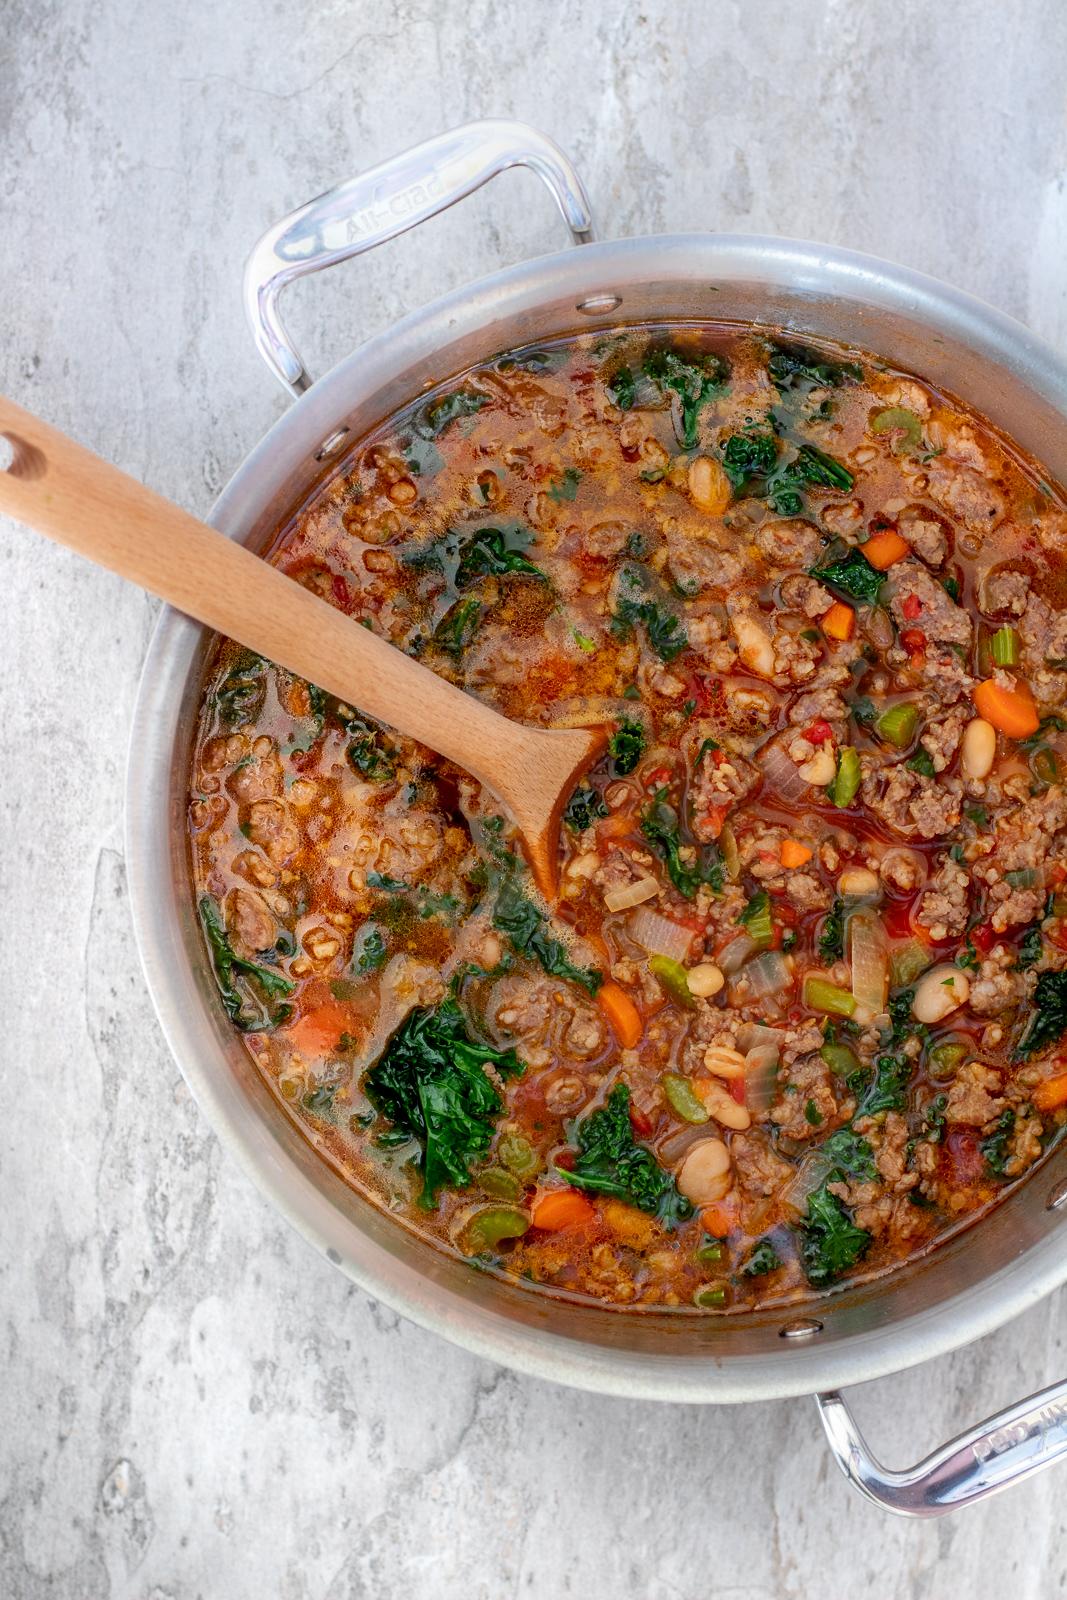 Kale Sausage & White Bean Soup